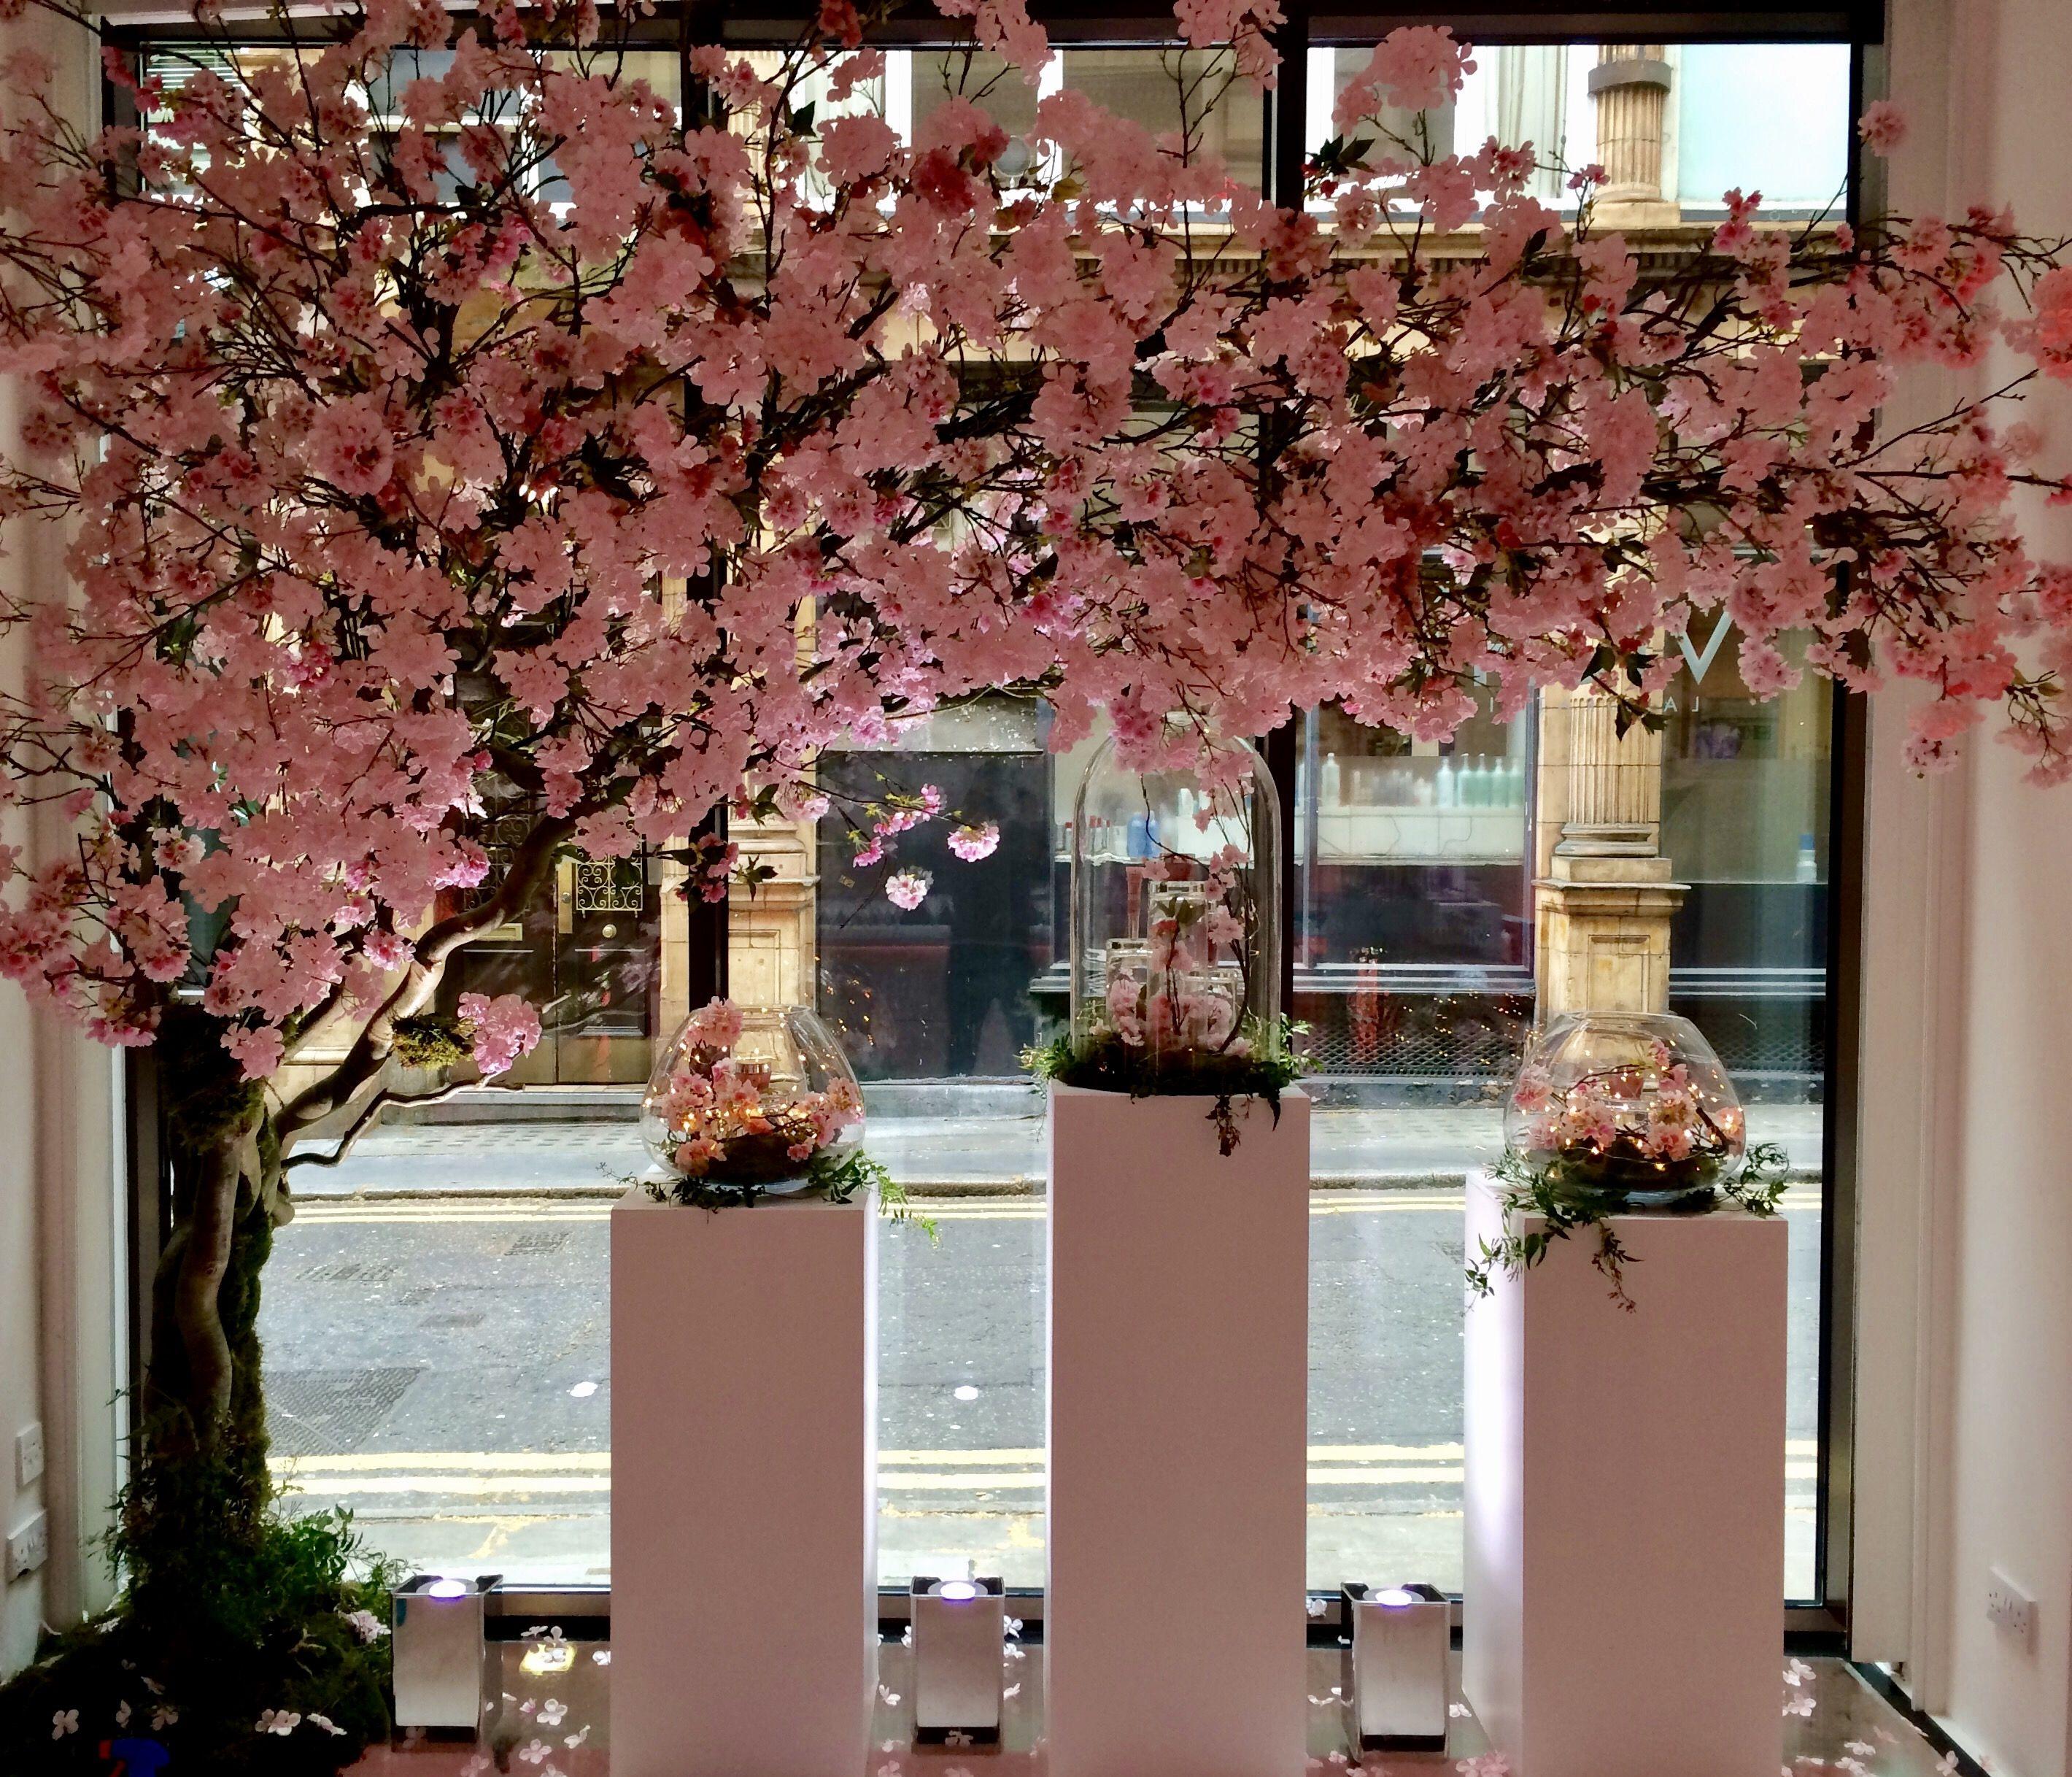 Cherry Blossom Window Display By Donaldo Radovich Spring Window Display Cherry Blossom Decor Spring Window